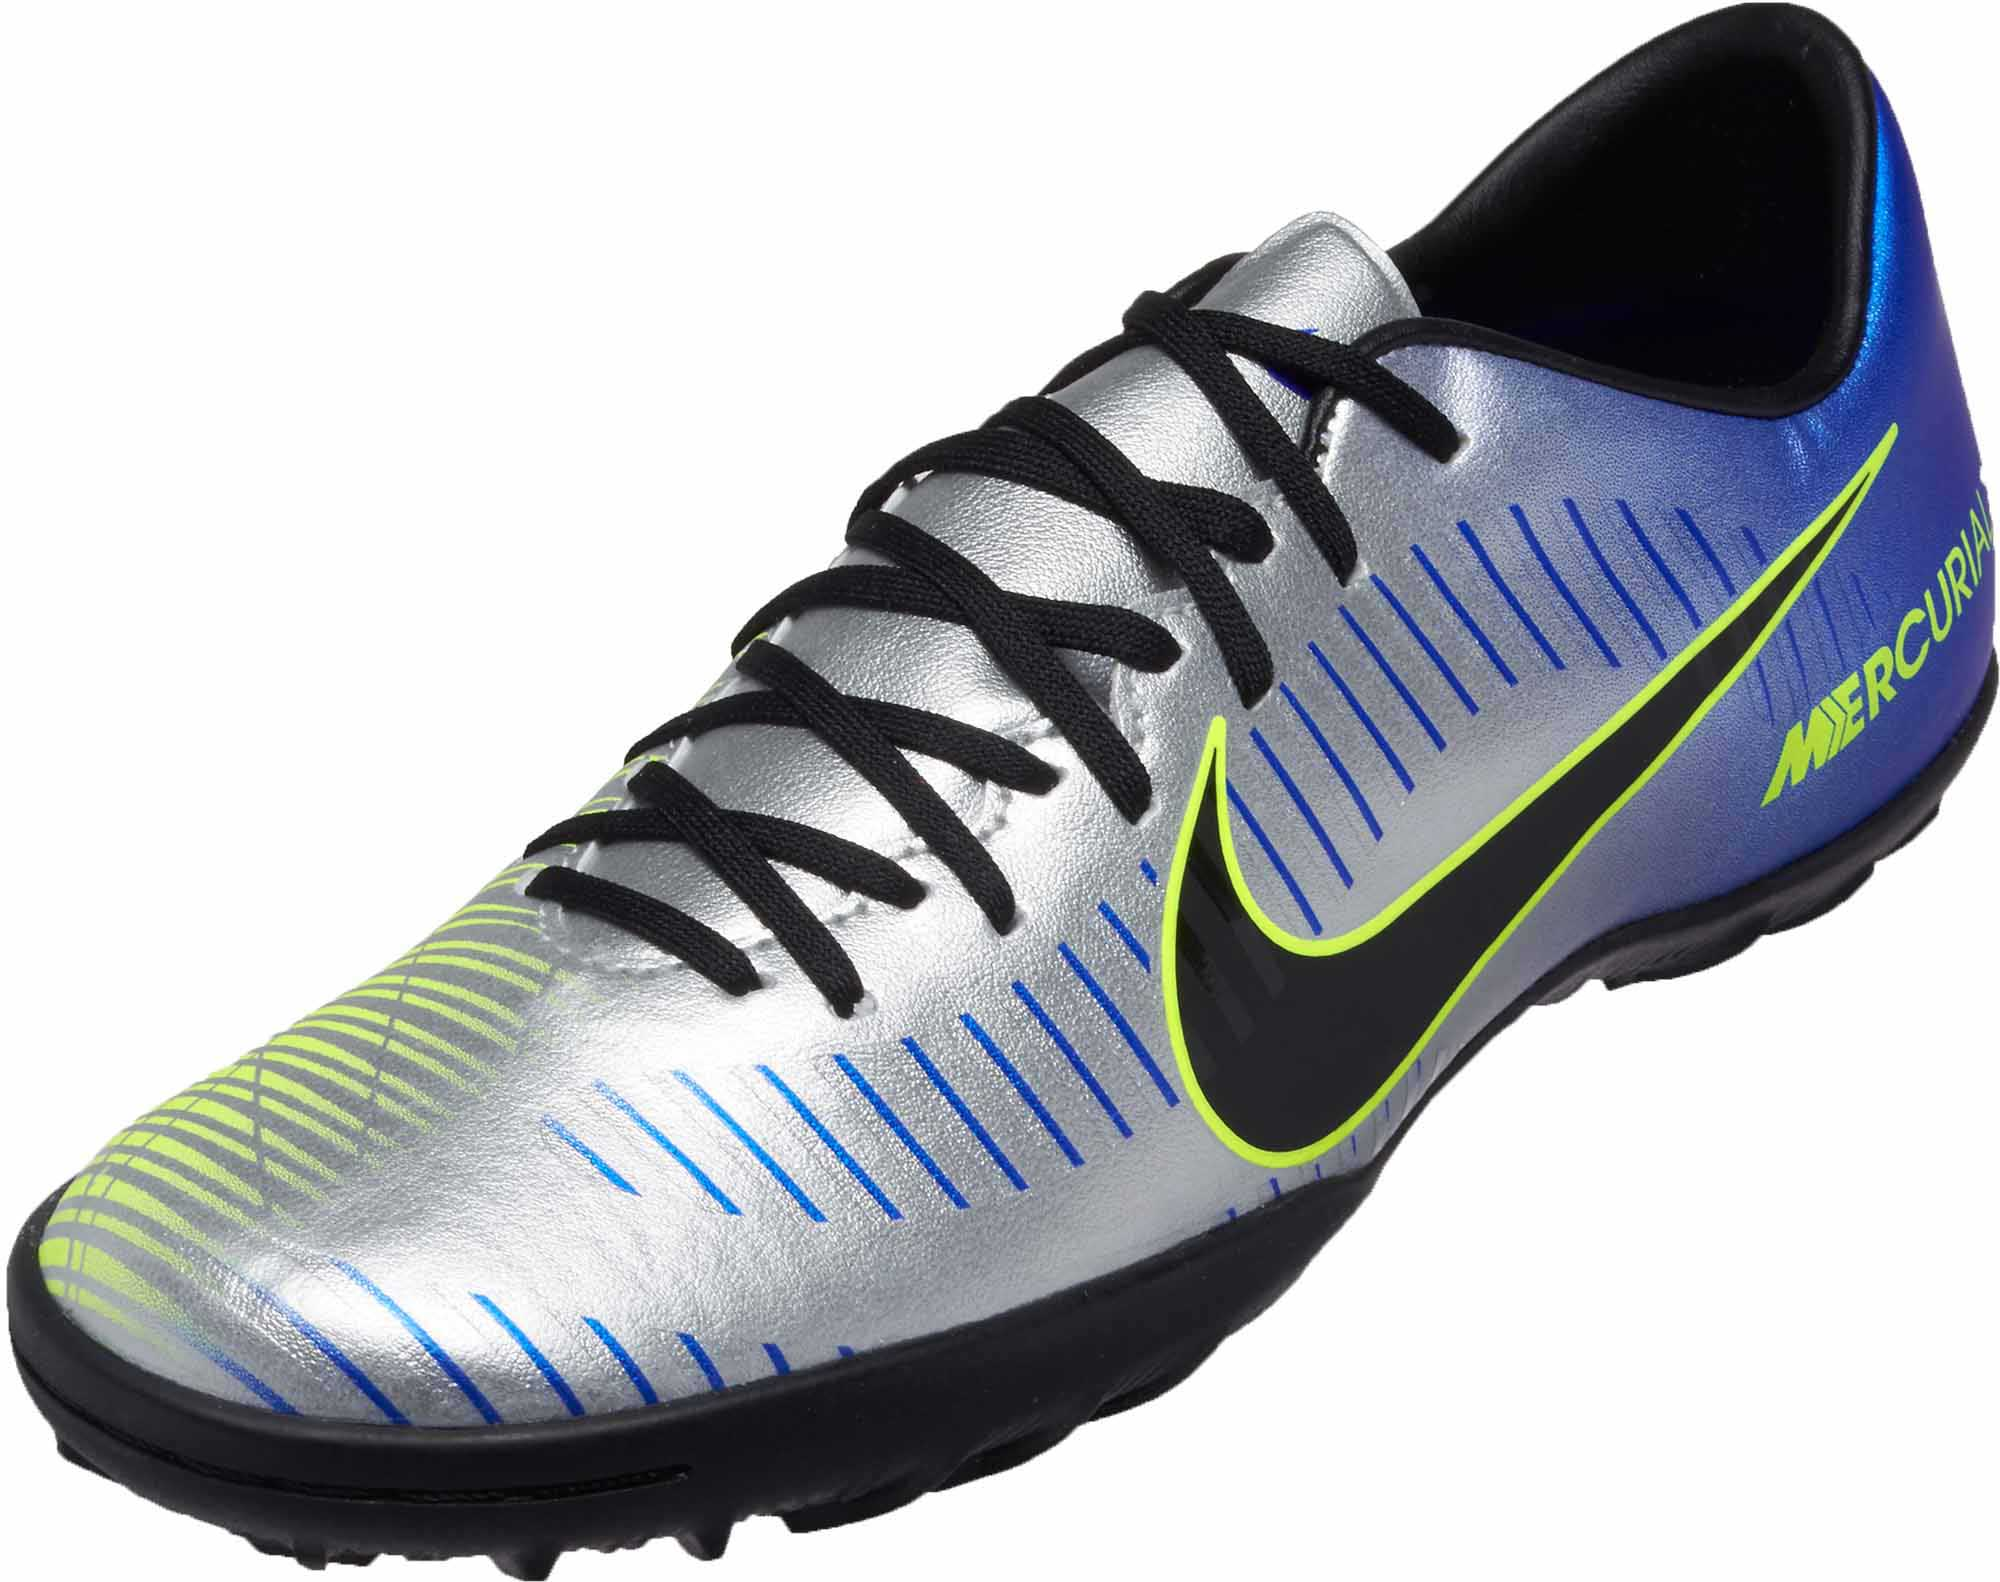 Asistencia Sociedad plantador  Nike Neymar Jr MercurialX Victory VI Turf Soccer Shoes